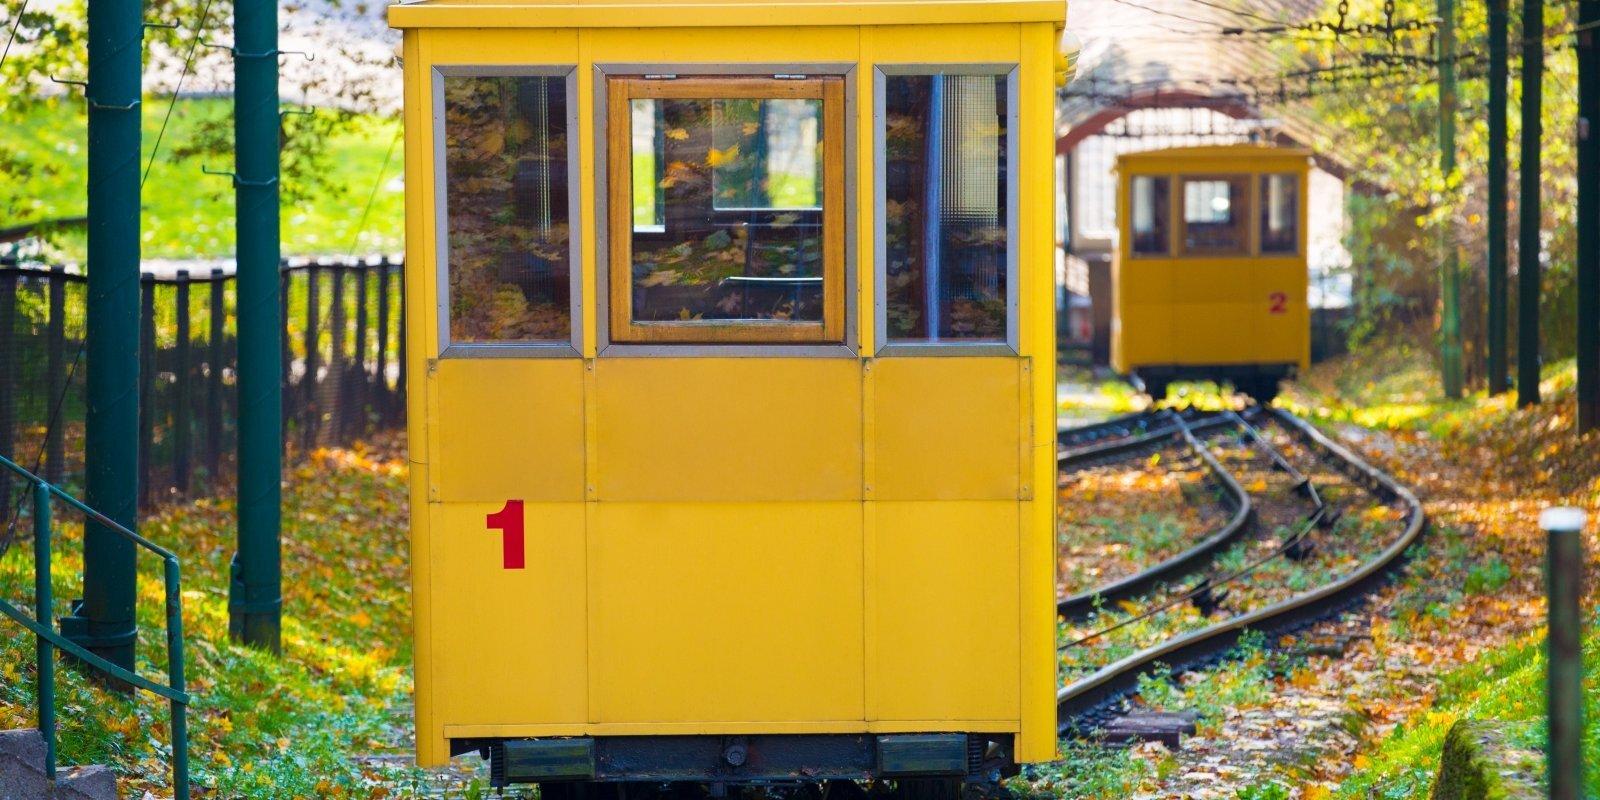 Планируем небольшой отпуск в Литве: Каунас или Клайпеда?